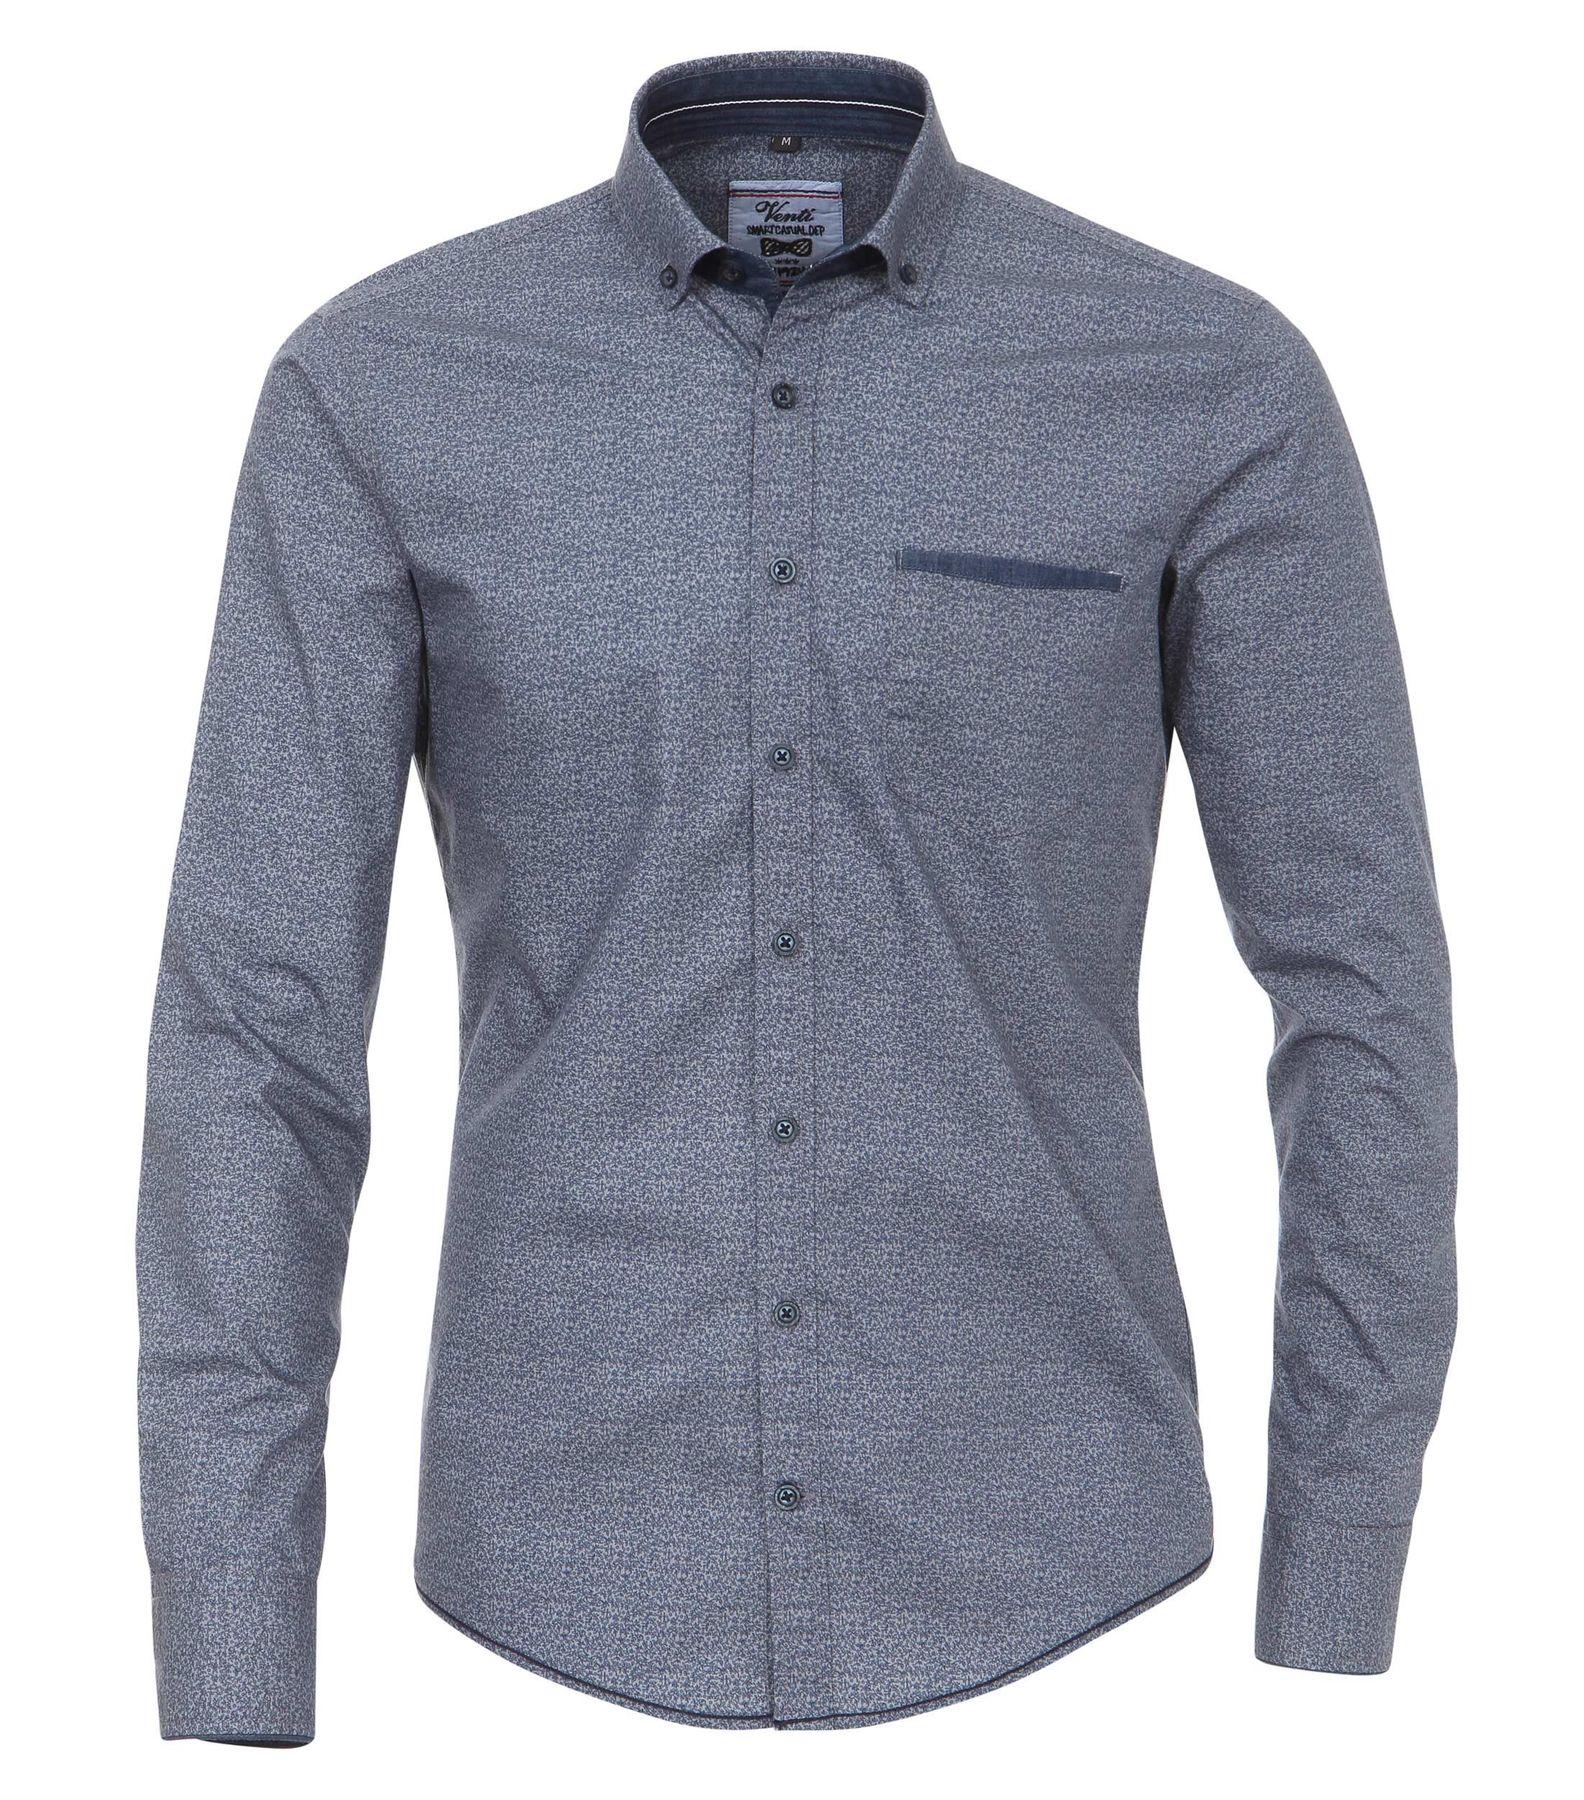 Venti - Slim Fit - Herren Langarm Hemd aus 100% Baumwolle mit Button Down Kragen (162539100 A) – Bild 1